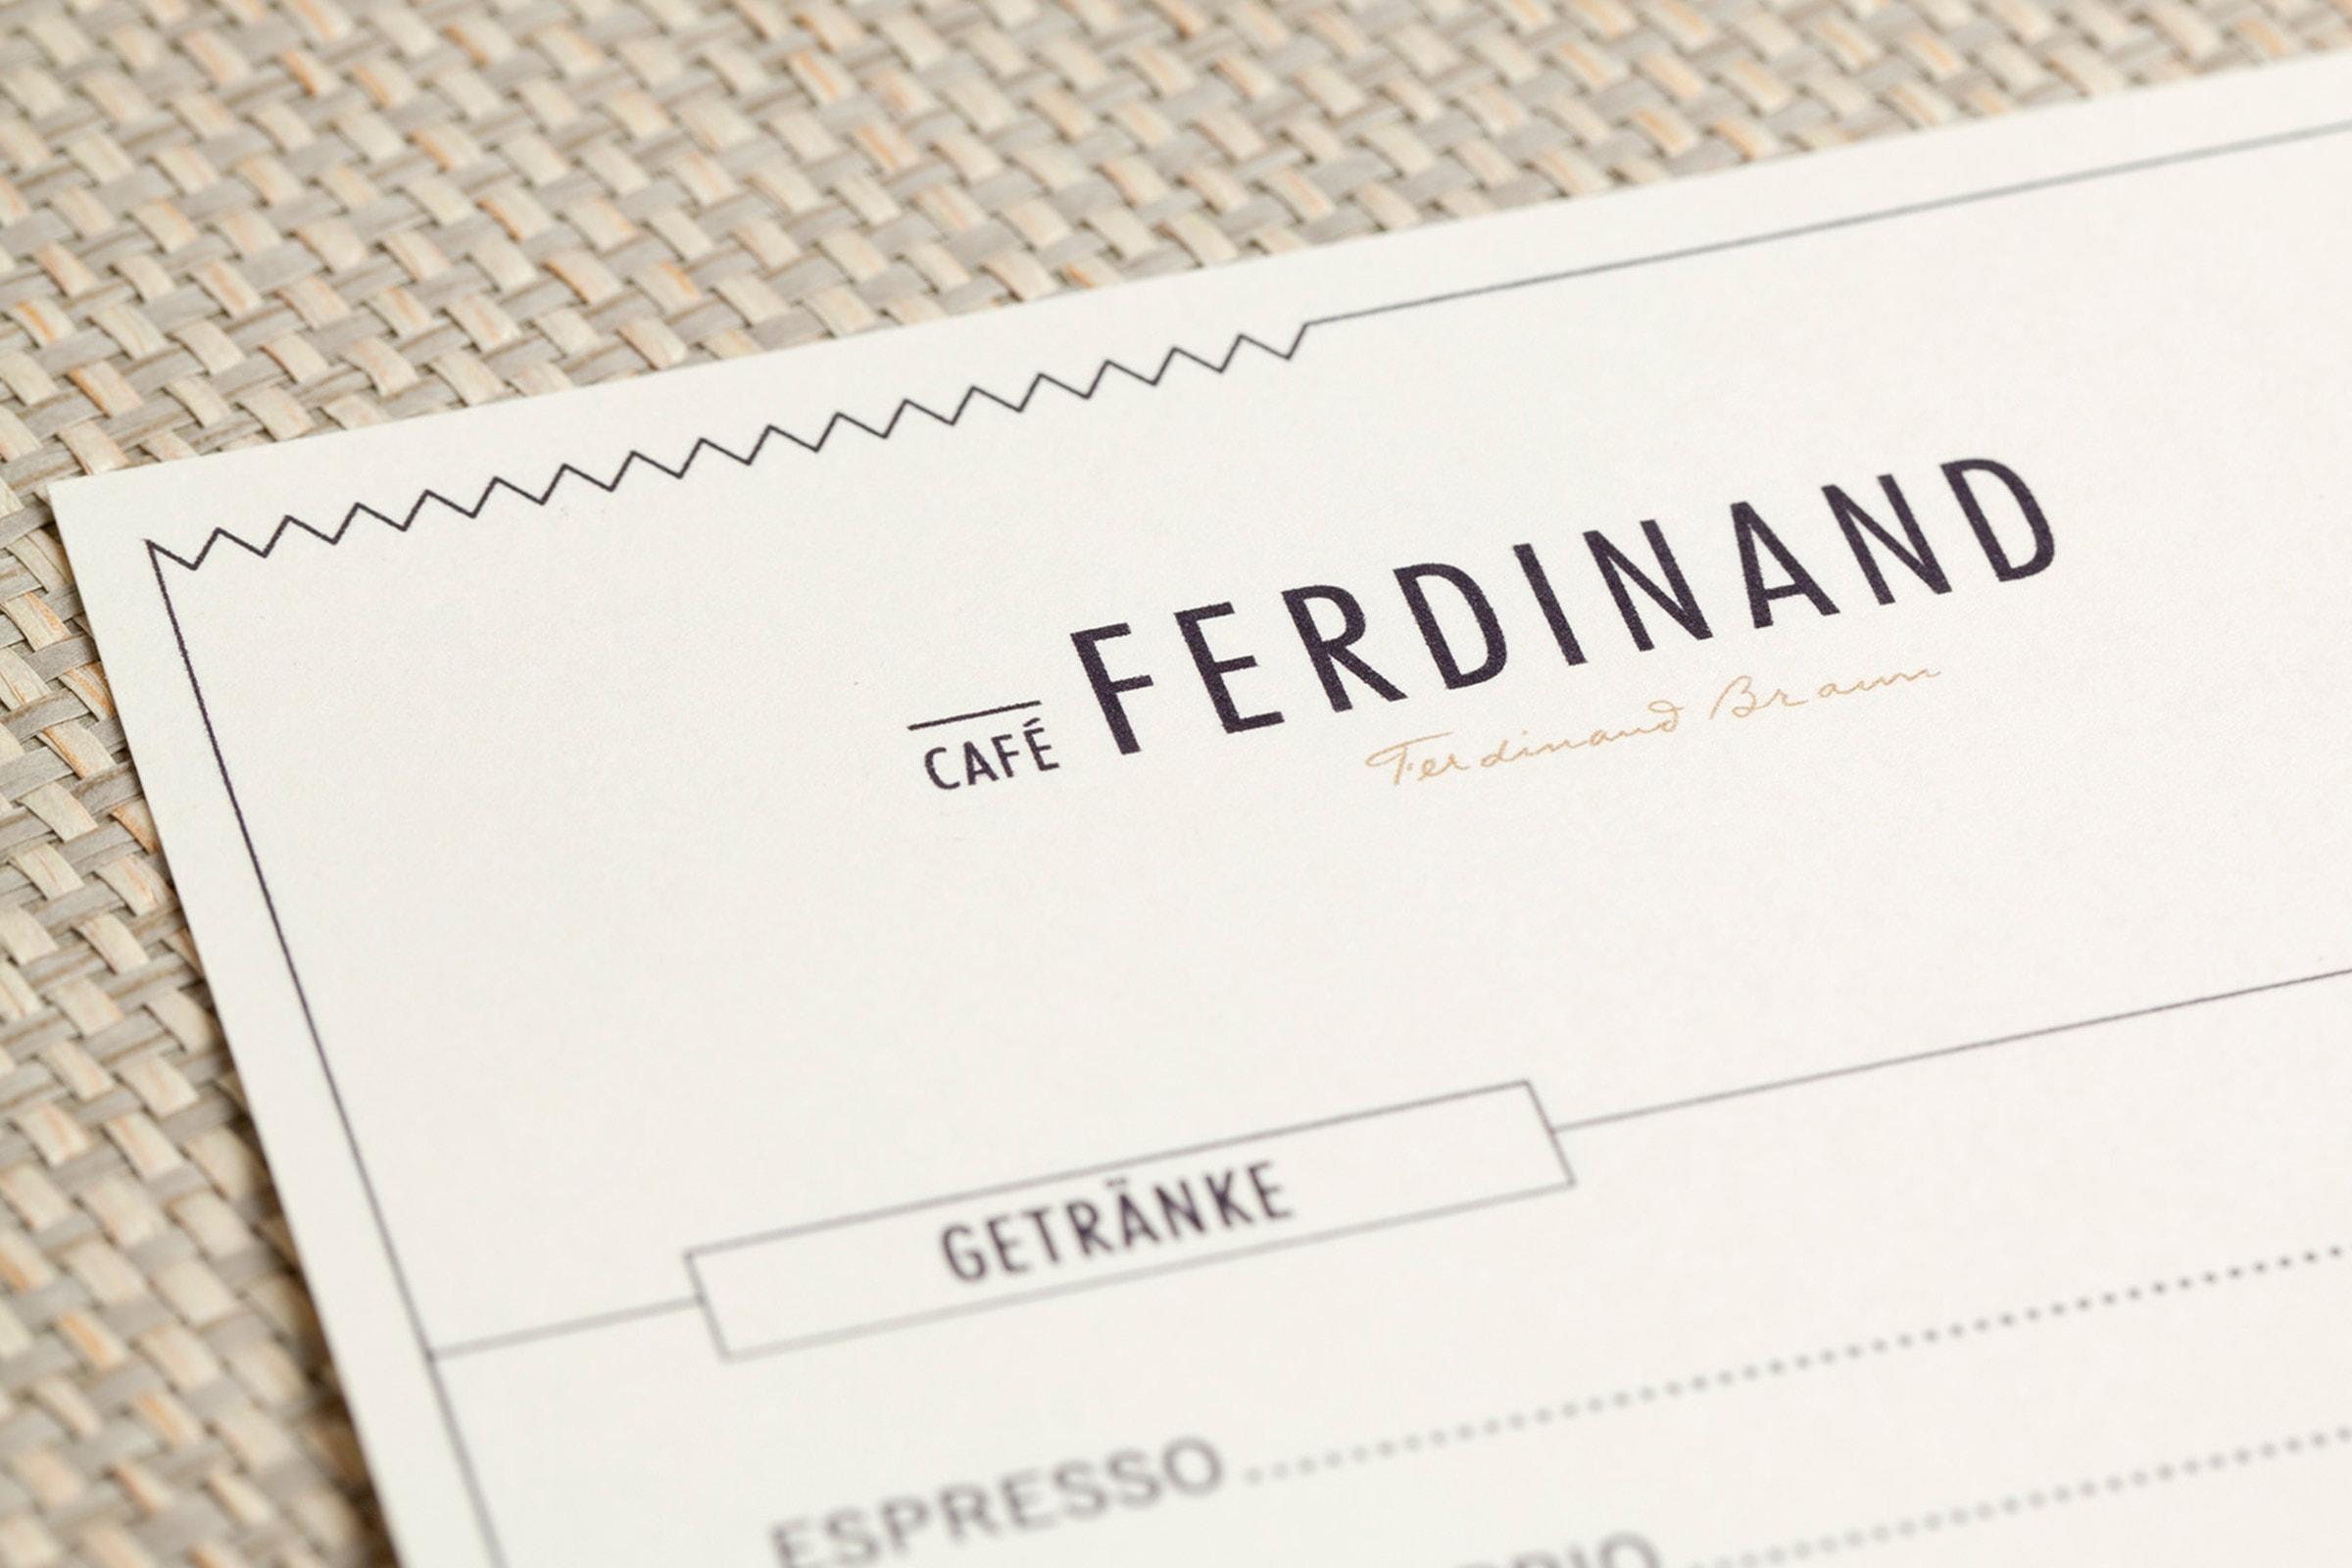 Cafè Ferdinand, Vodafone, Hamburg, Jungfernstieg, Packaging, Restaurant Branding, Speisekarte